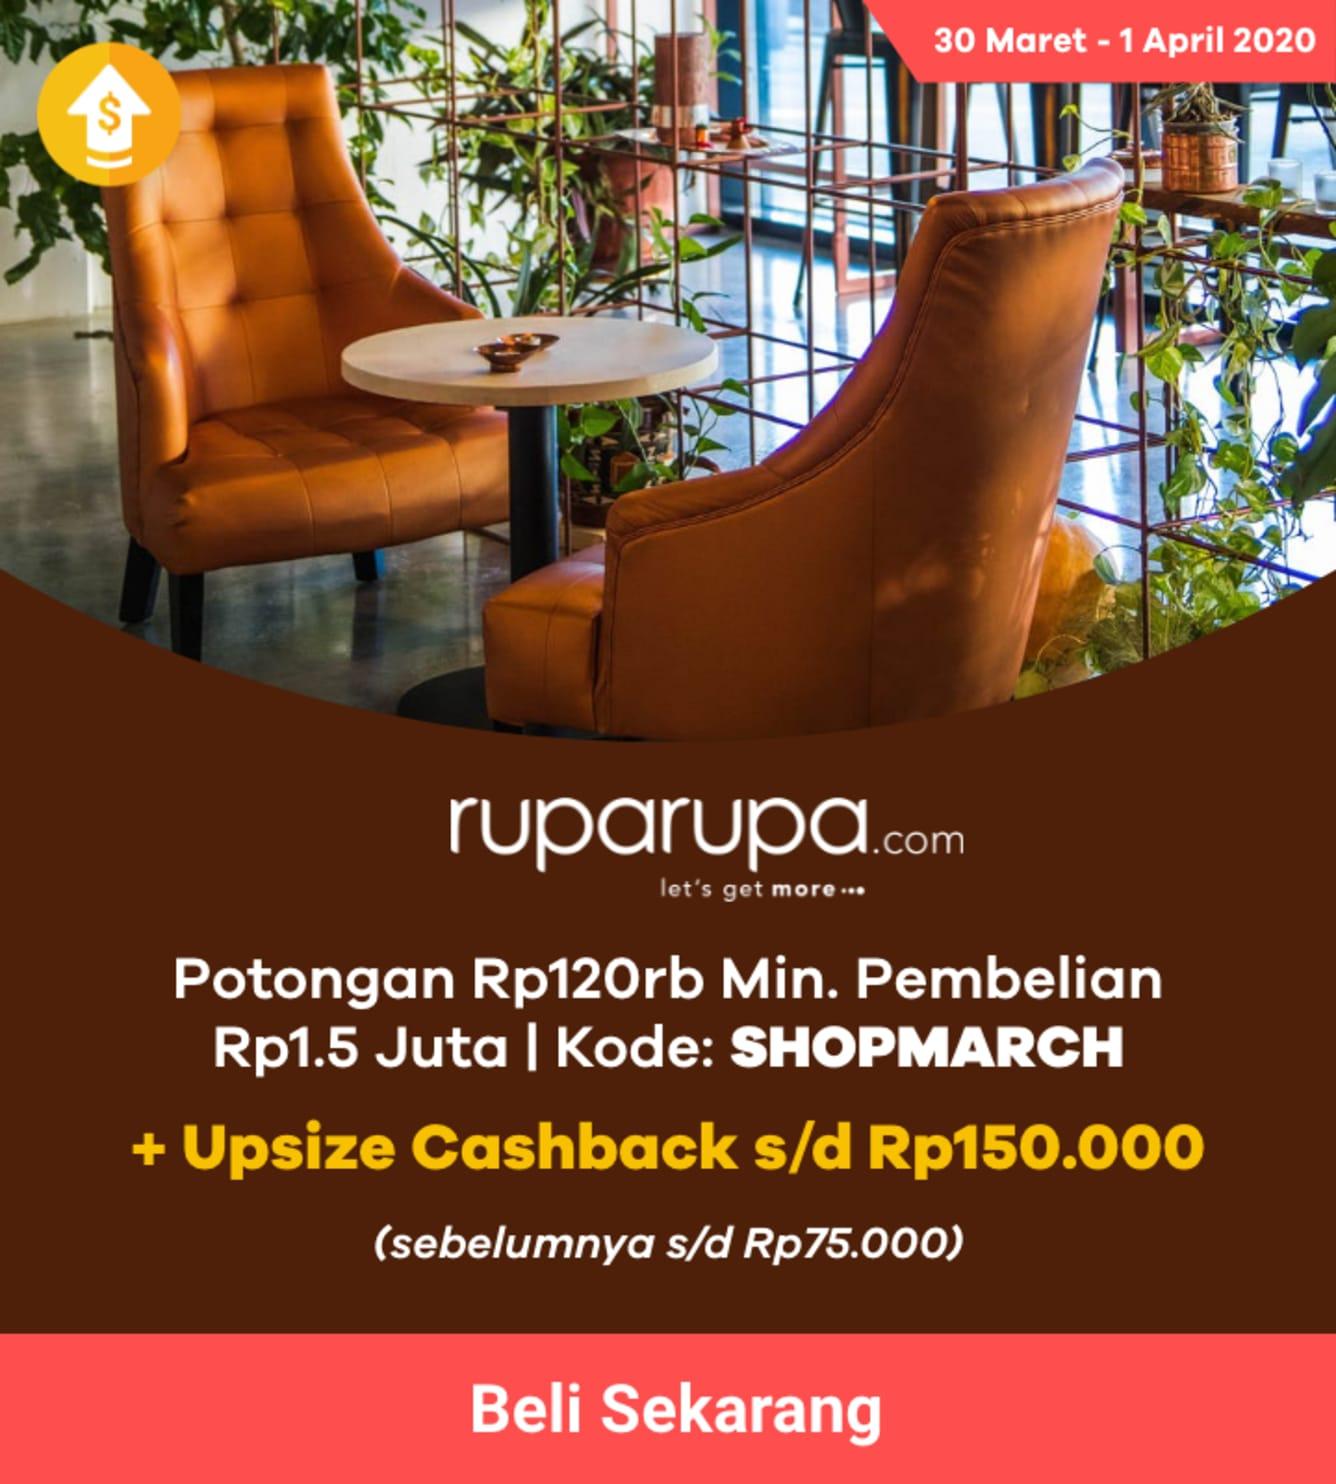 Week 14 - Promo Ruparupa